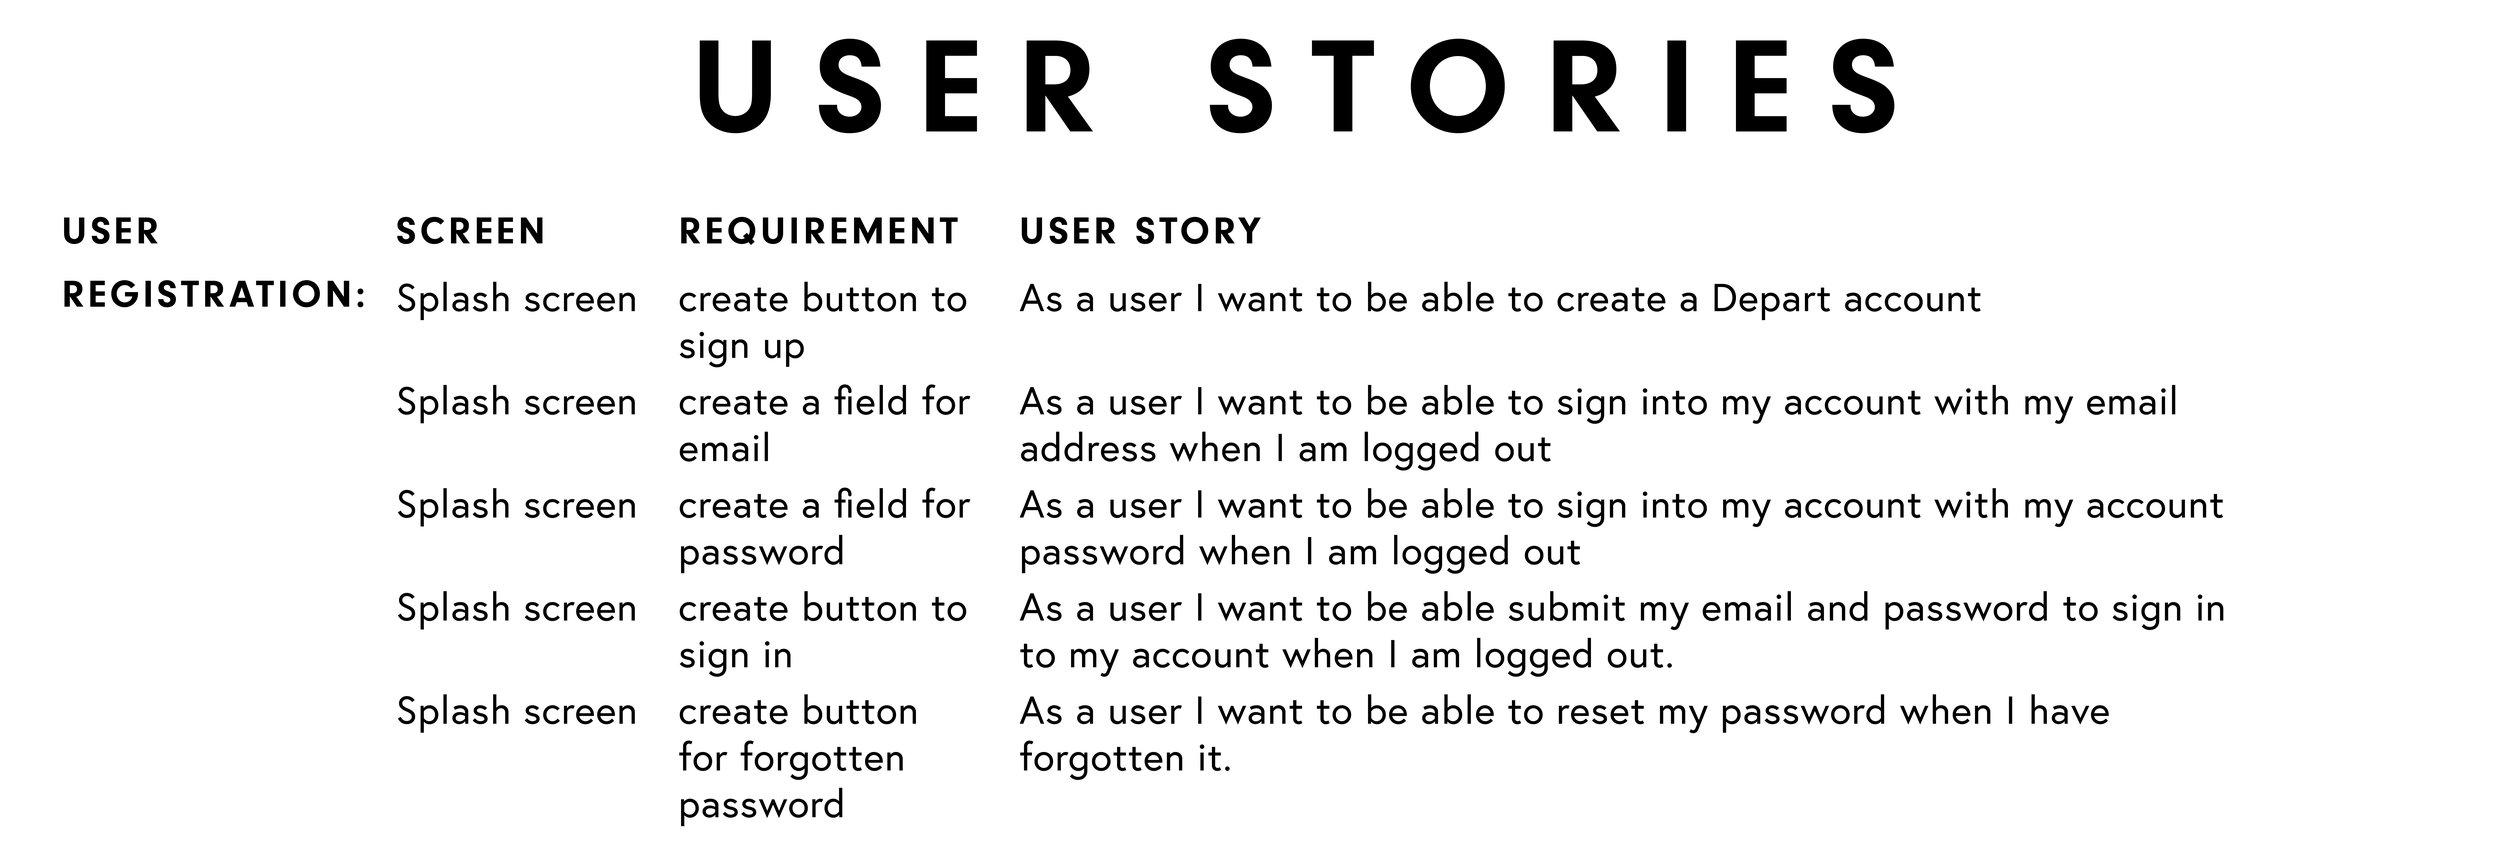 User stories.jpg